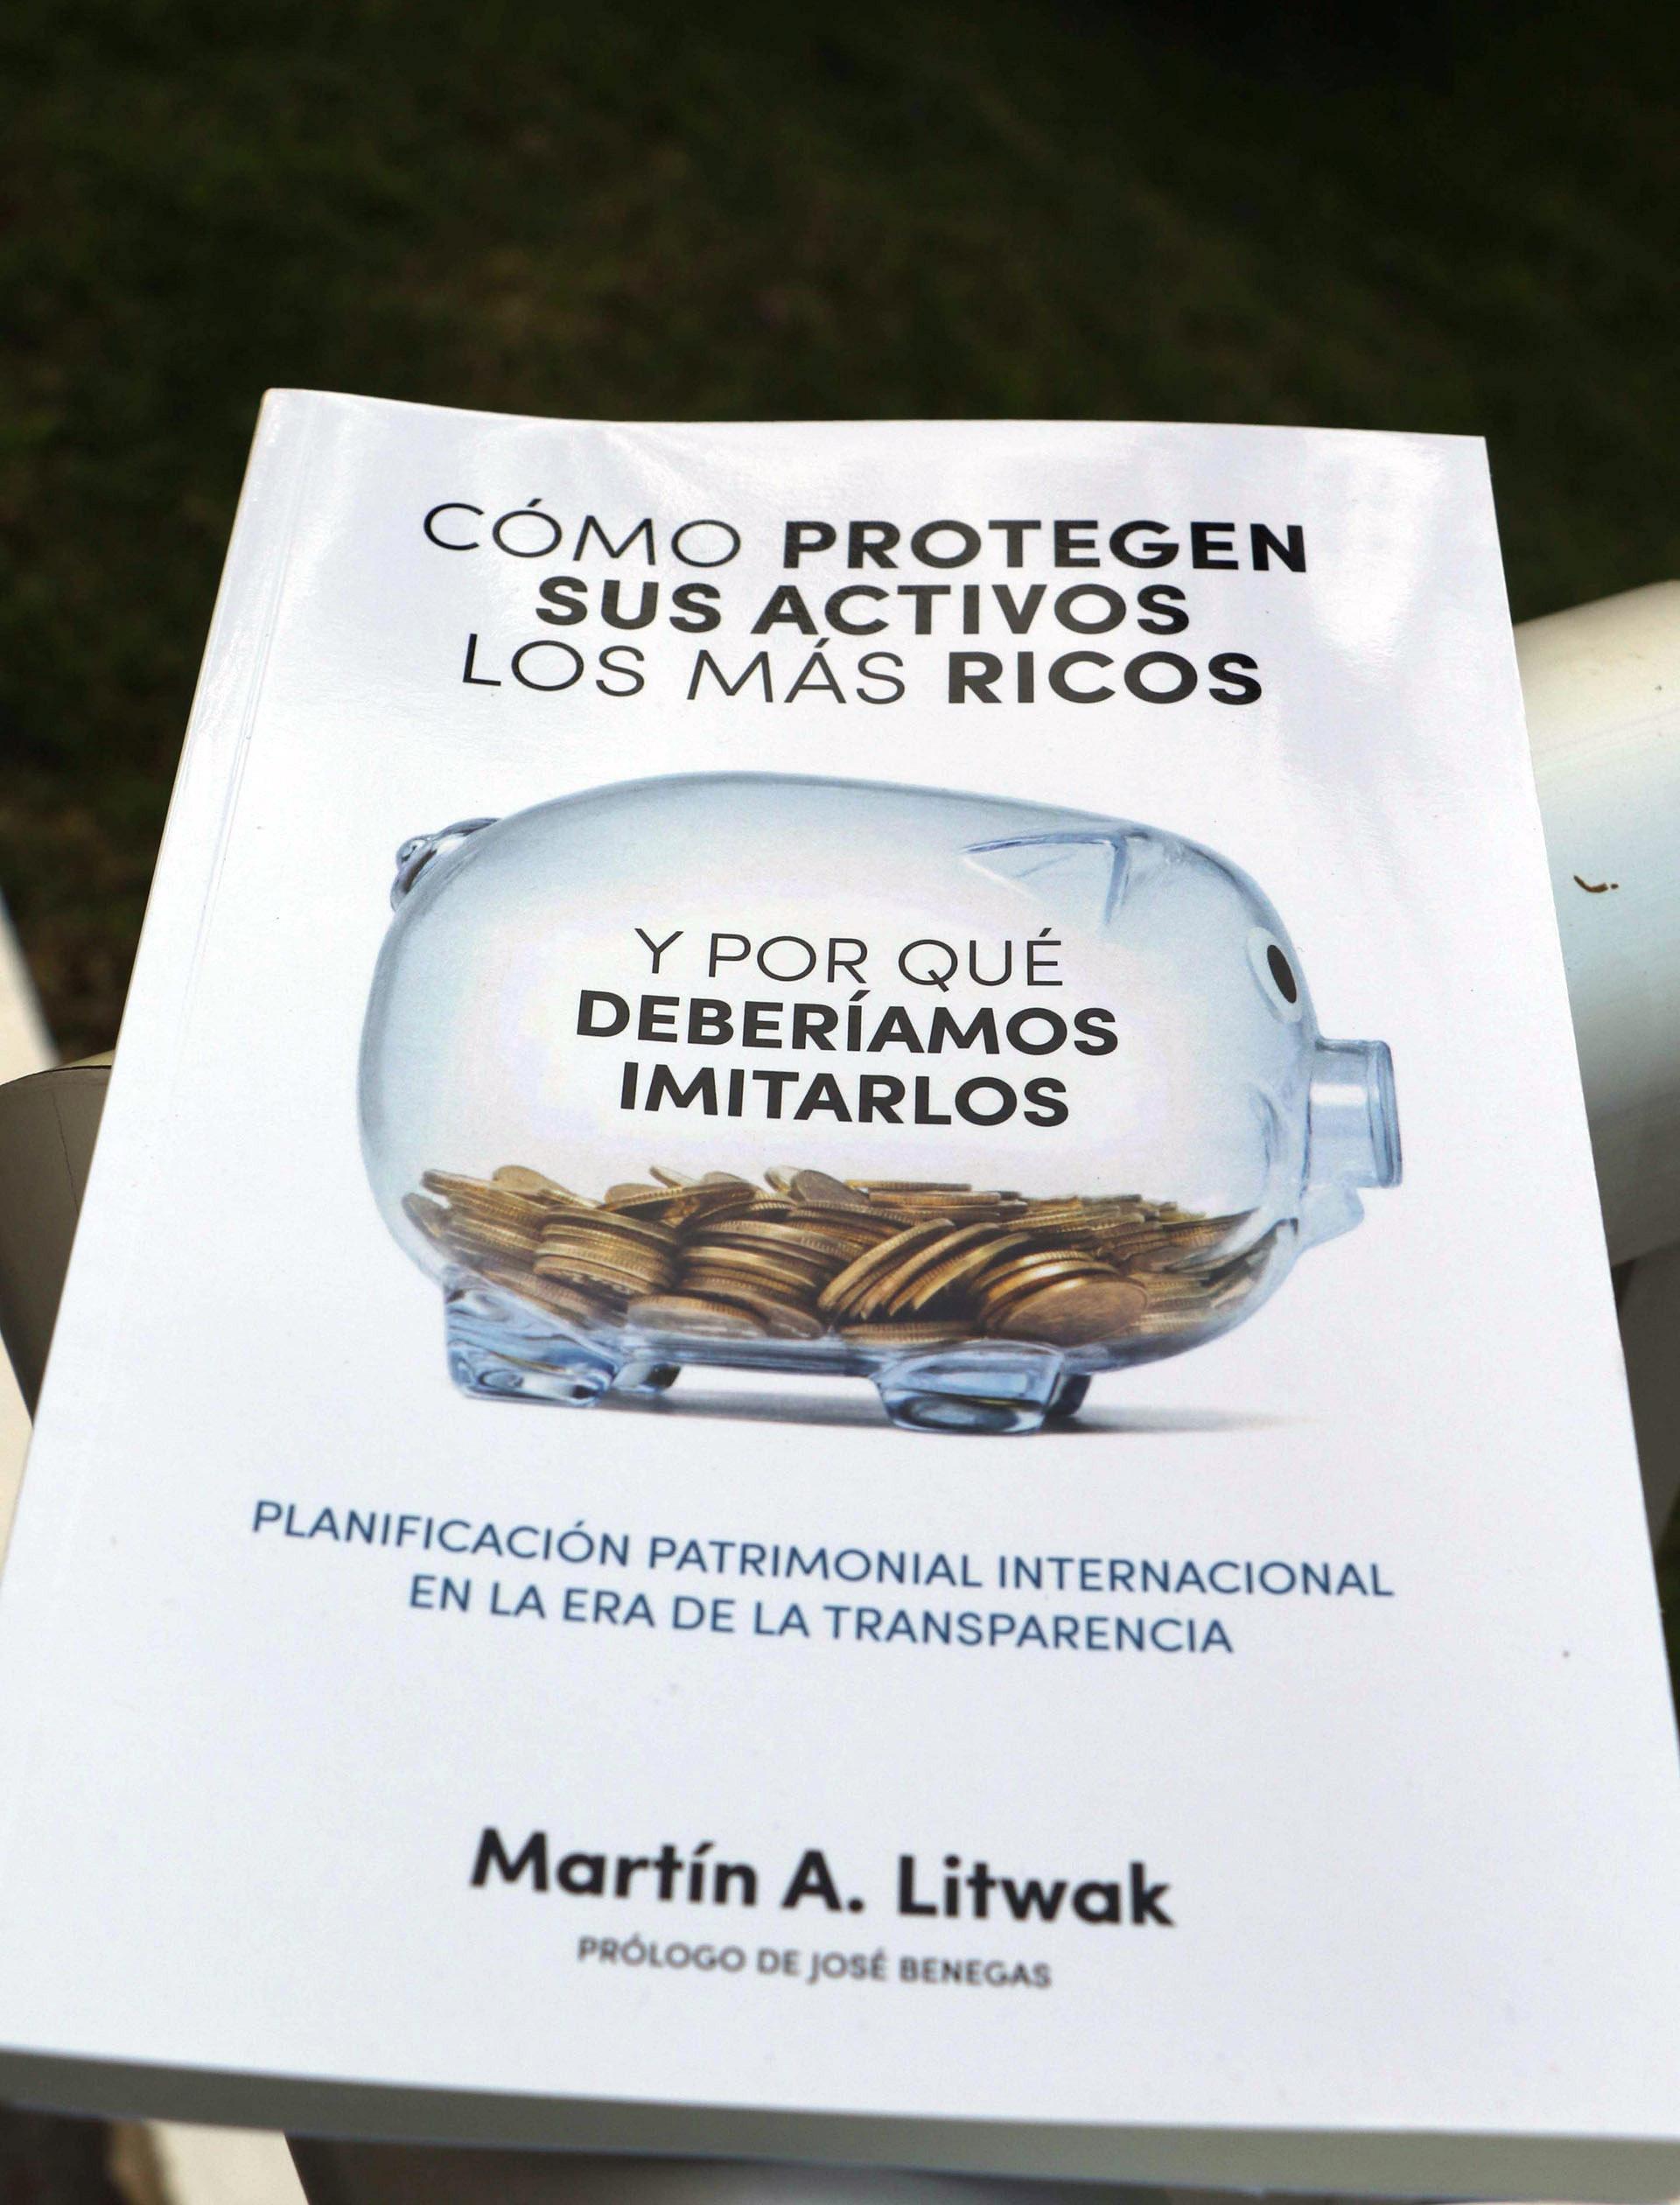 """El primer libro de Martín Litwak """"Cómo protegen sus activos los más ricos y por qué deberíamos imitarlos"""" /// Fotos: GM Press"""